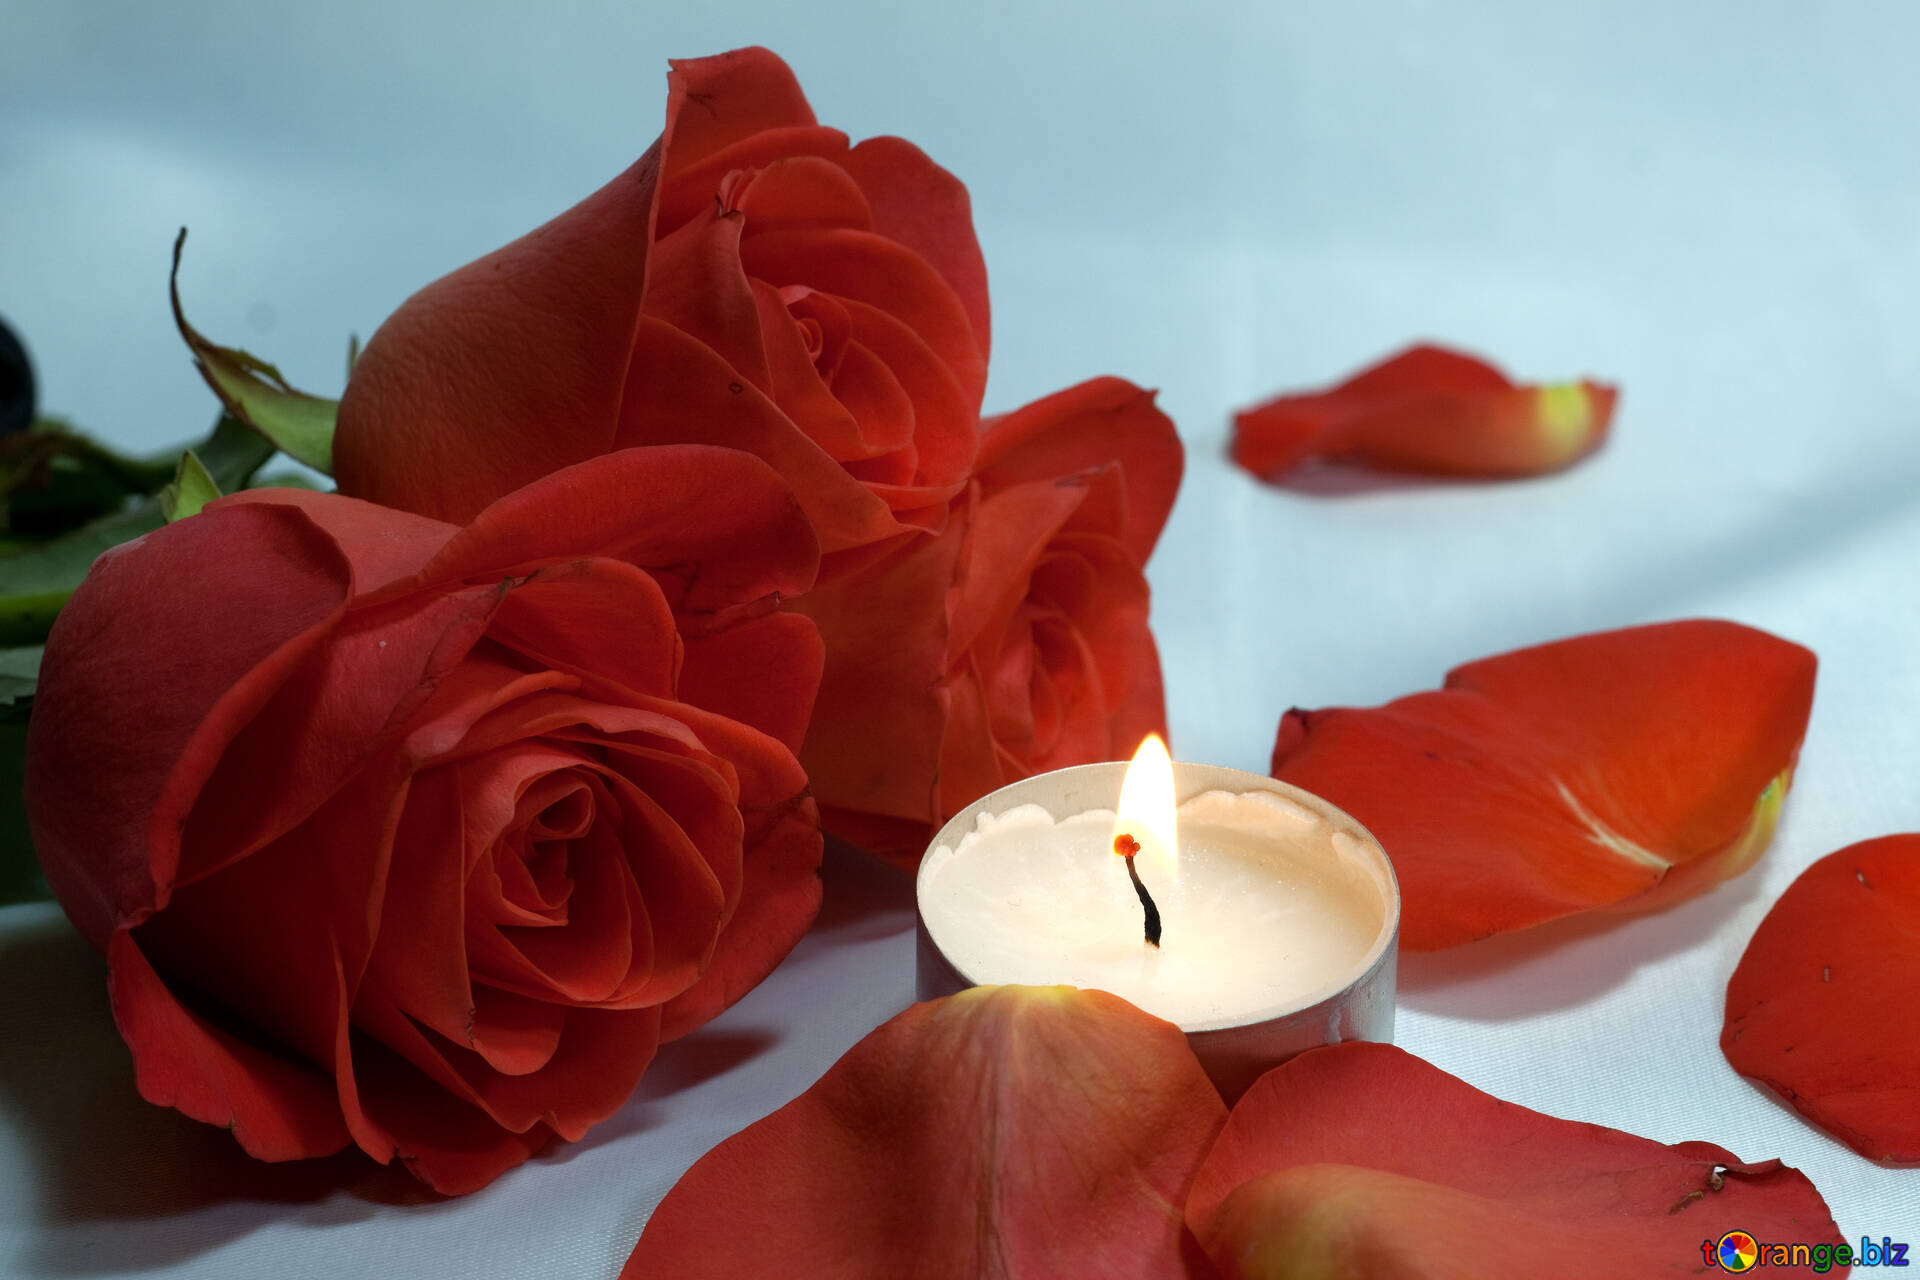 Romantisch Nacht . Bett , Rosen Und , Blumenblätter Kerzen.